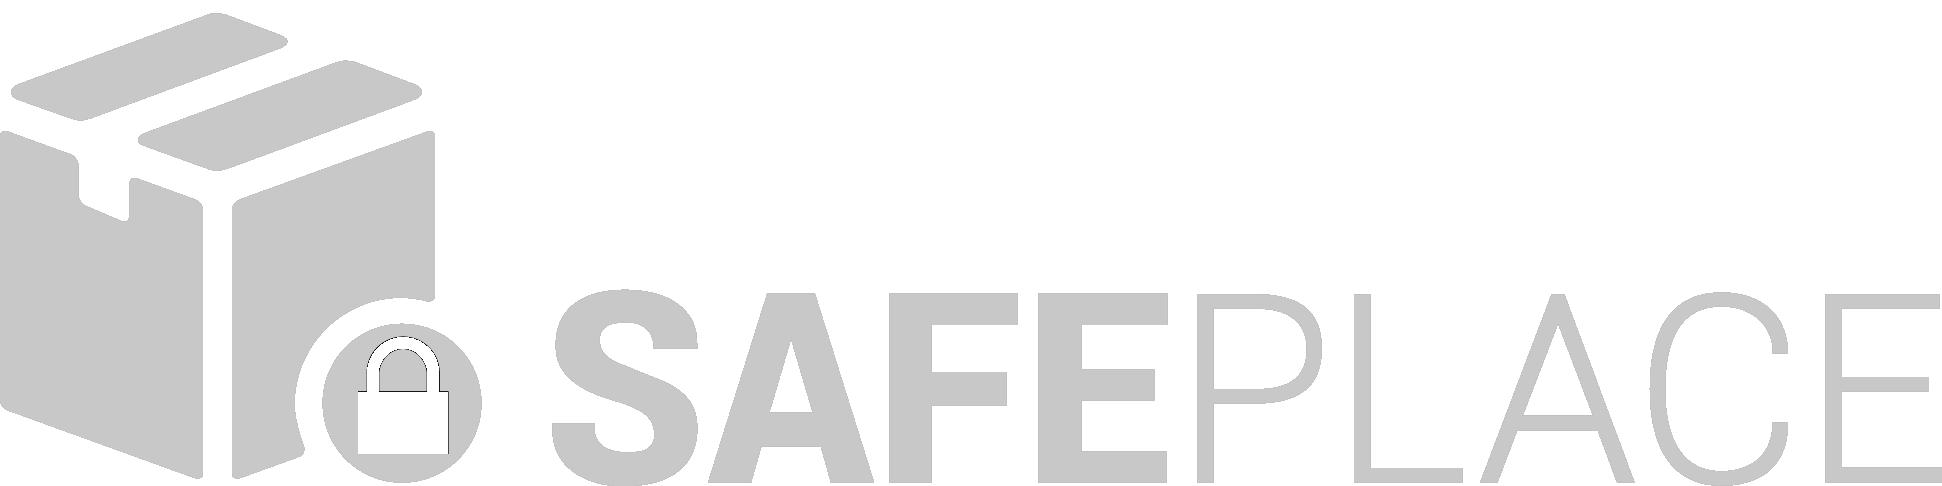 parcelsafeplace logo